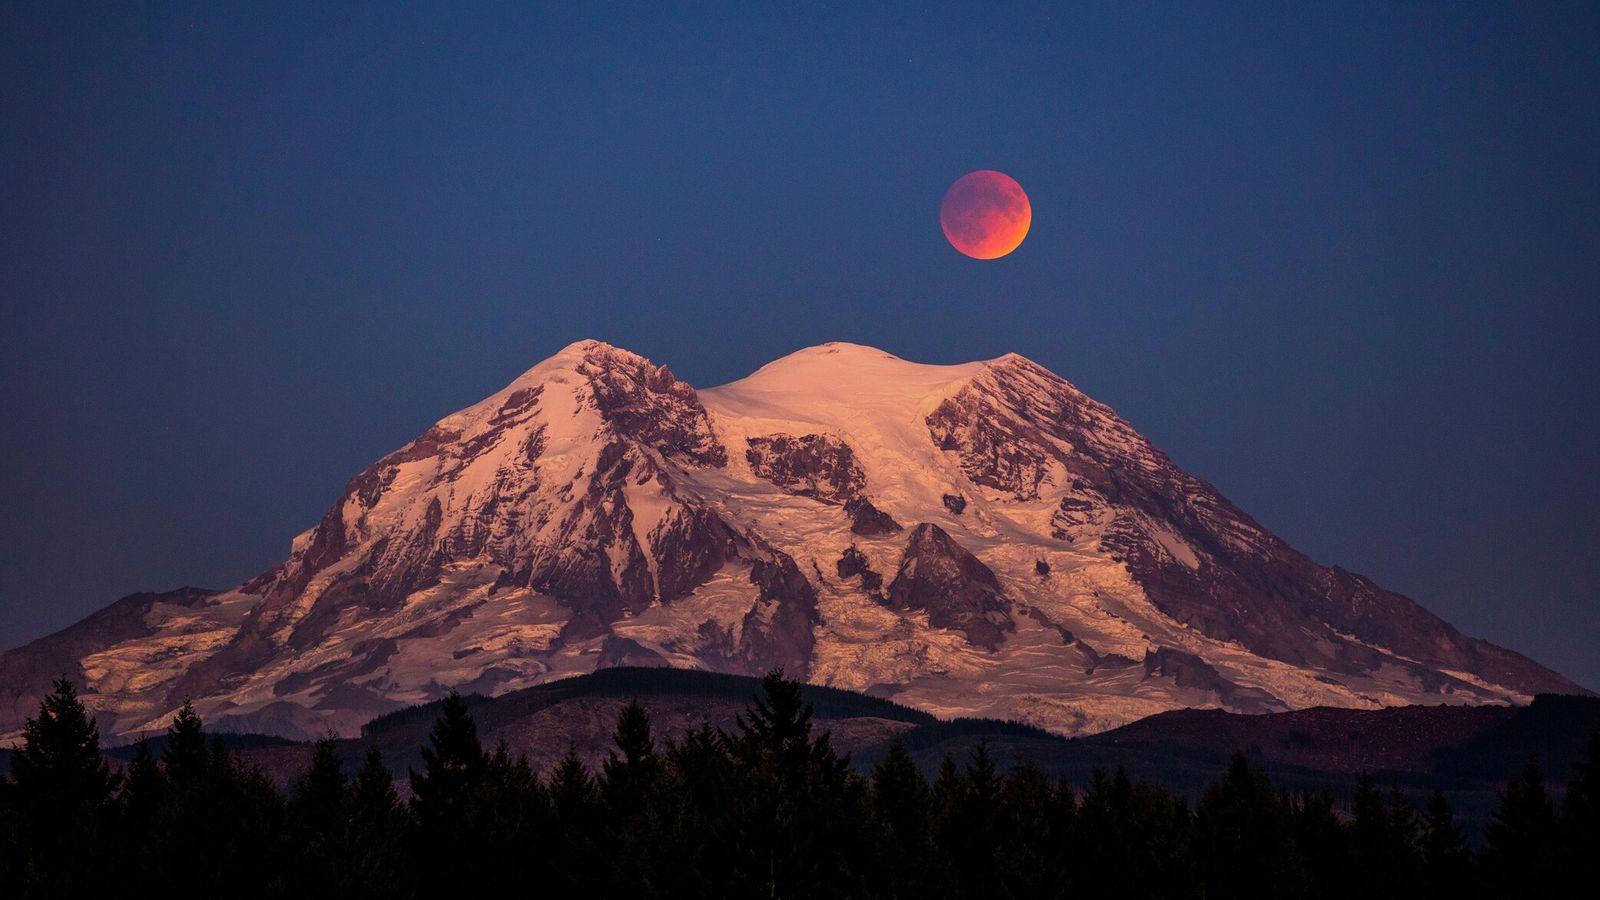 Ein Blutmond – eine totale Mondfinsternis – hängt über dem Mount Rainier im US-Bundesstaat Washington.